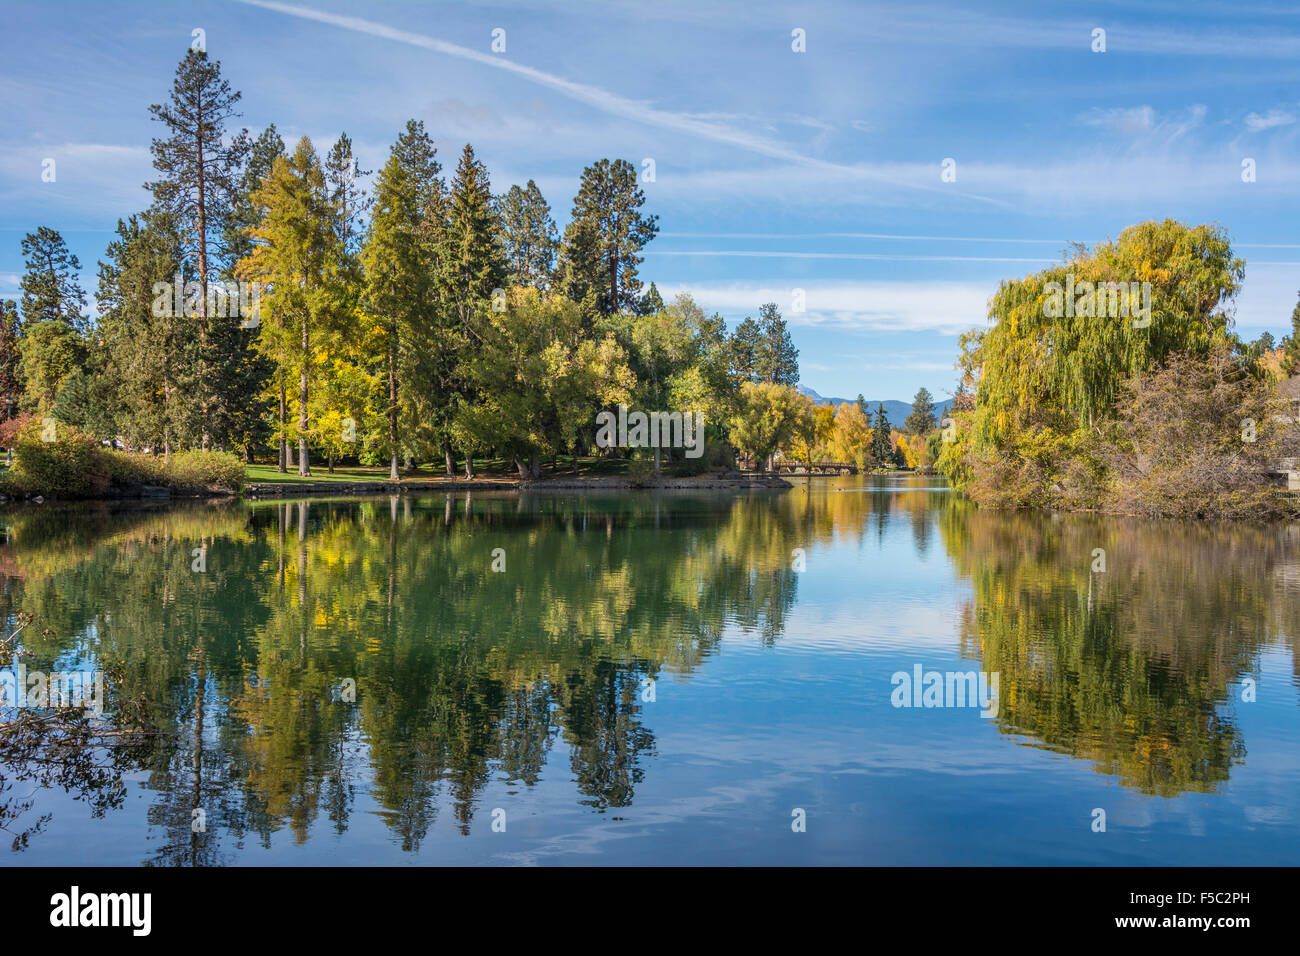 Mirror Pond Park, rivière Deschutes, Bend, Oregon. Photo Stock